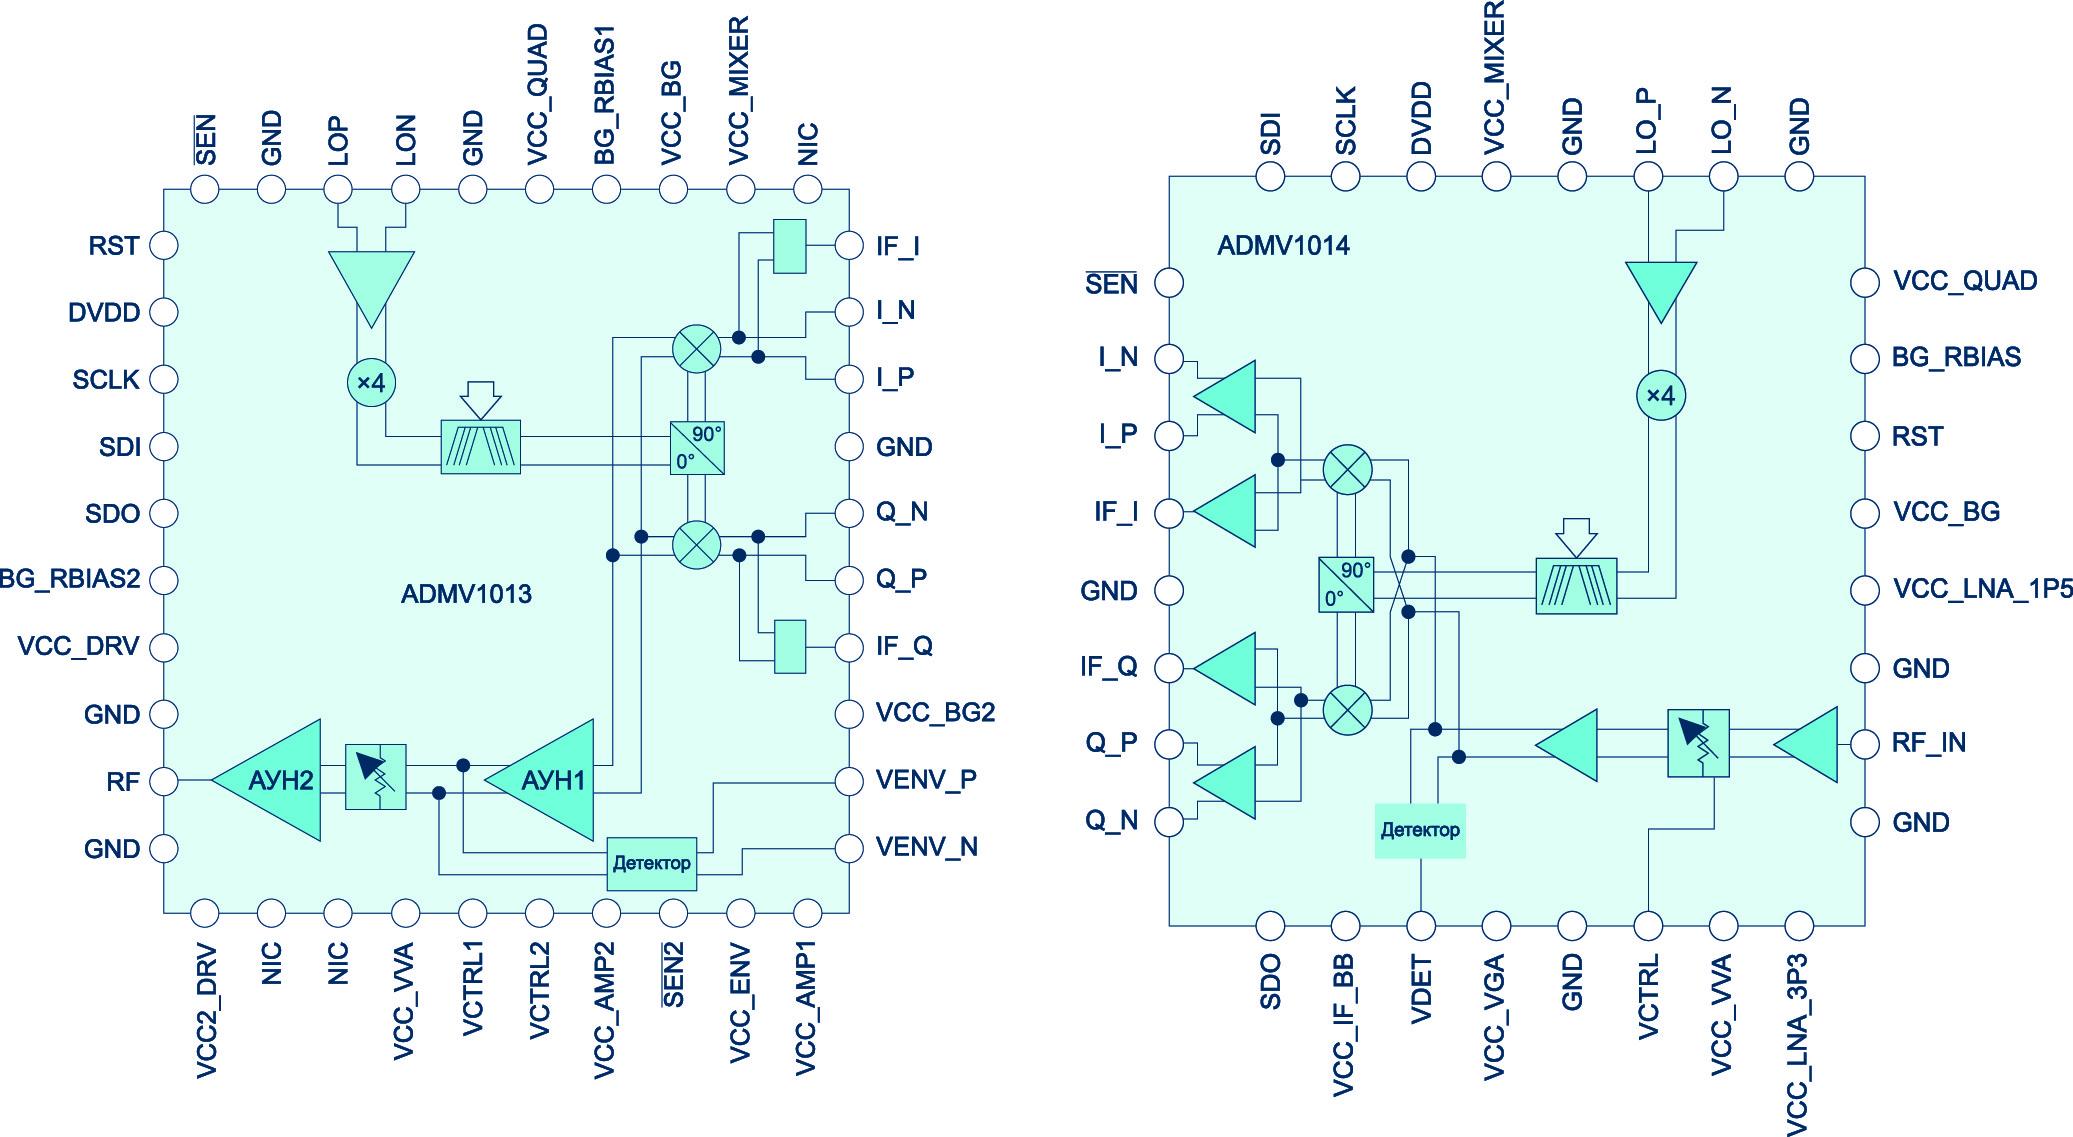 Блок-схема микросхемы преобразователя с повышением частоты ADMV1013